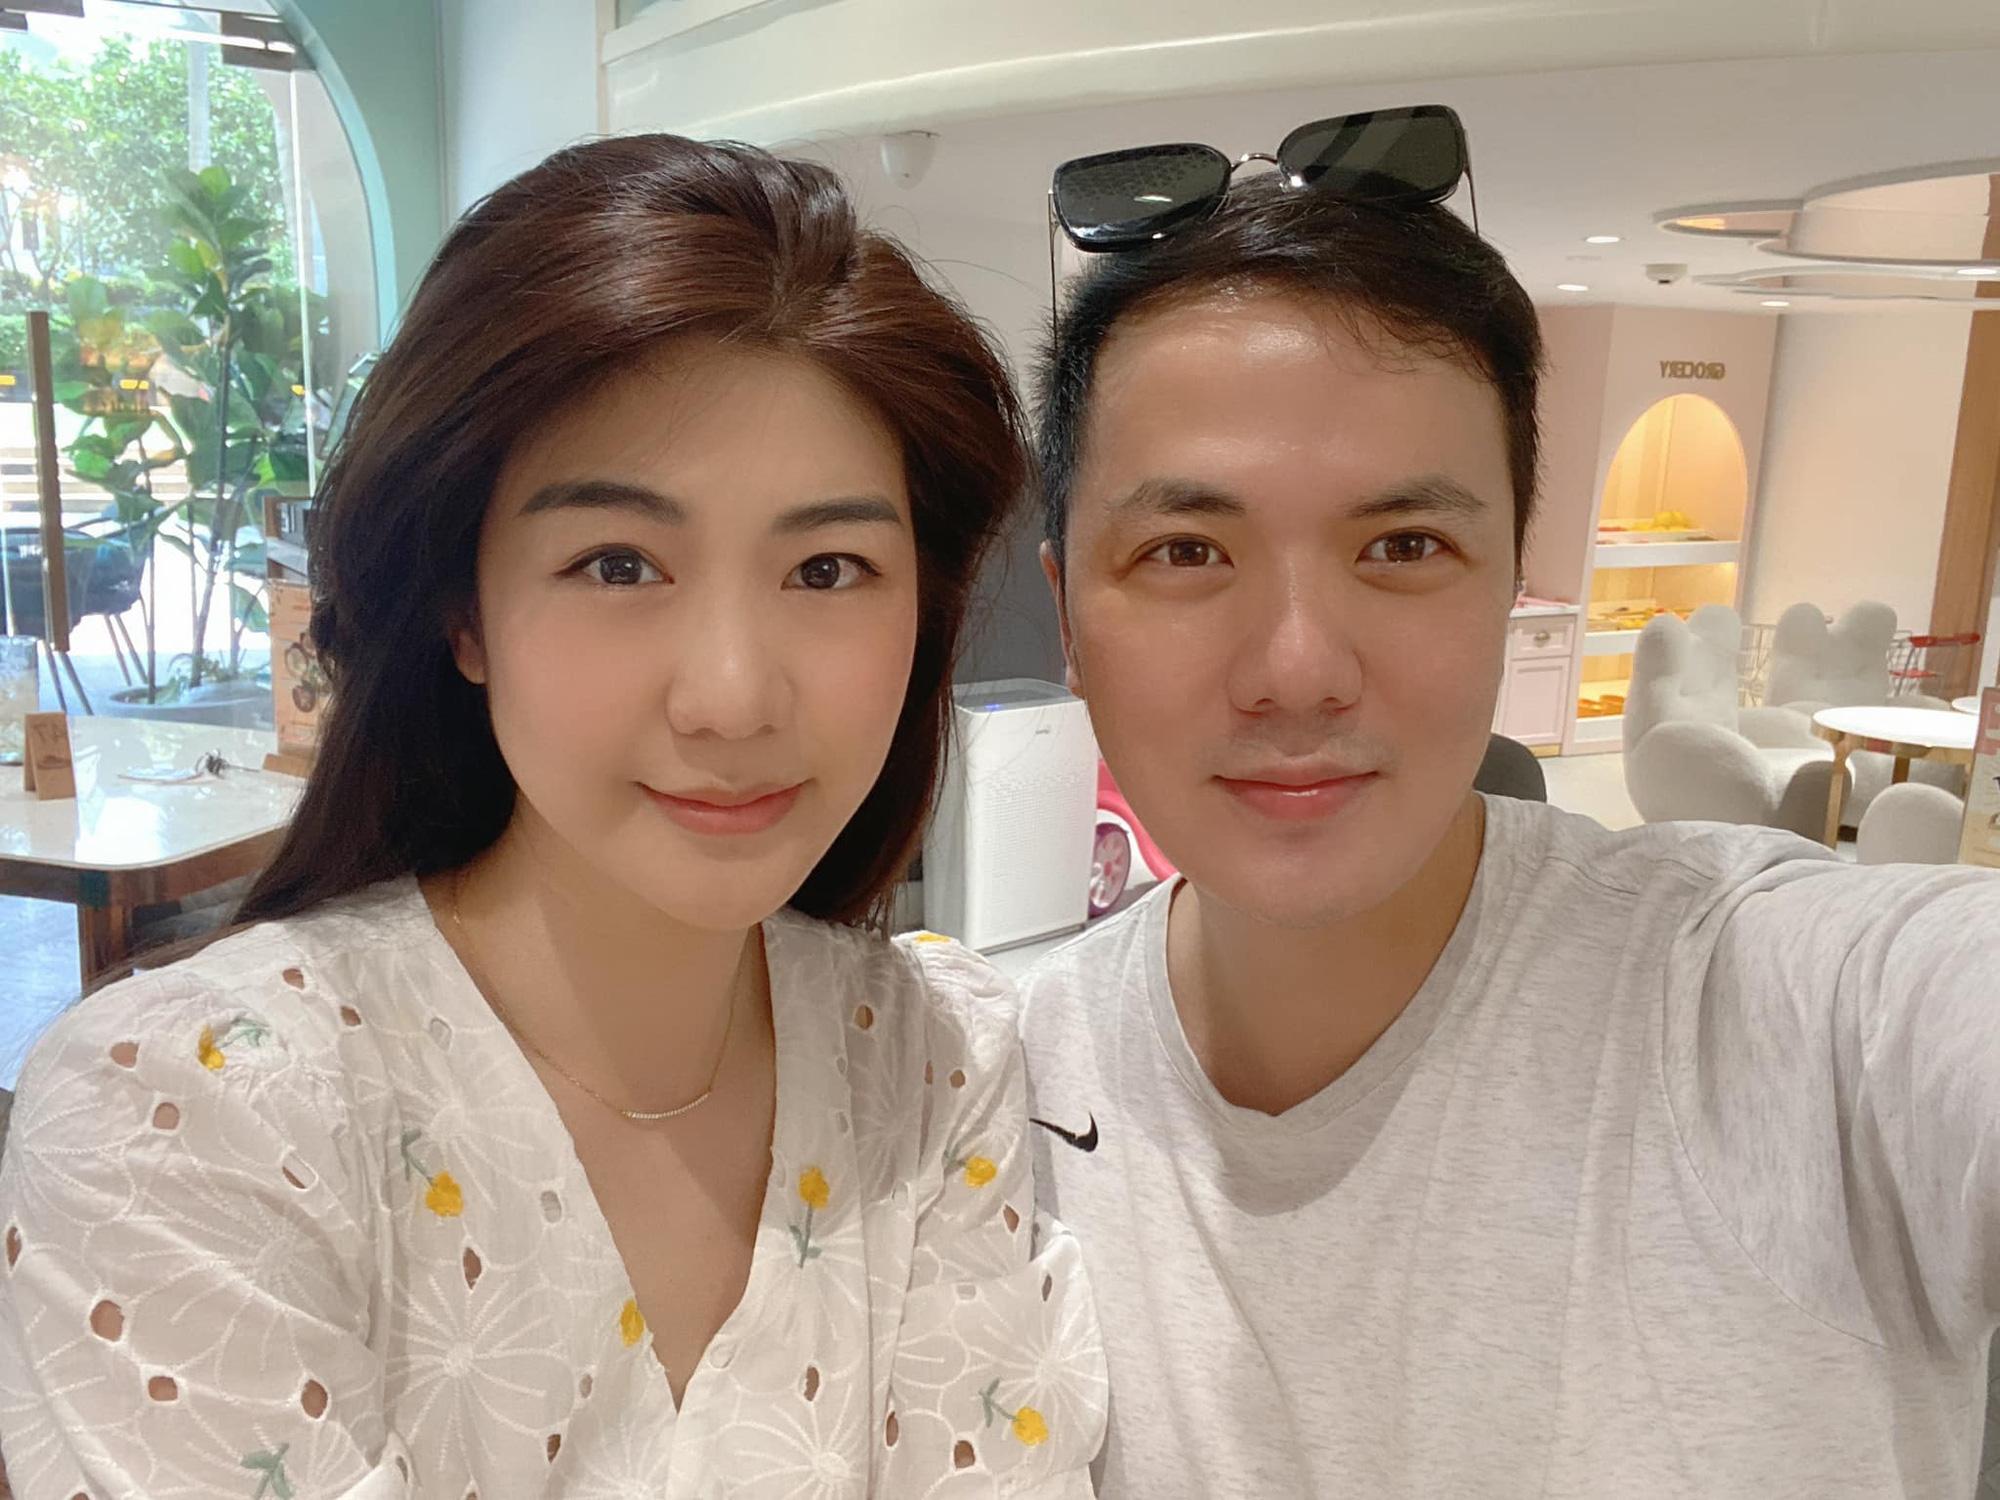 Nữ cơ trưởng Huỳnh Lý Đông Phương đón tuổi 33 giản dị bên bạn bè người thân, nhan sắc ăn gian tuổi khiến chị em ghen tị vô cùng-5